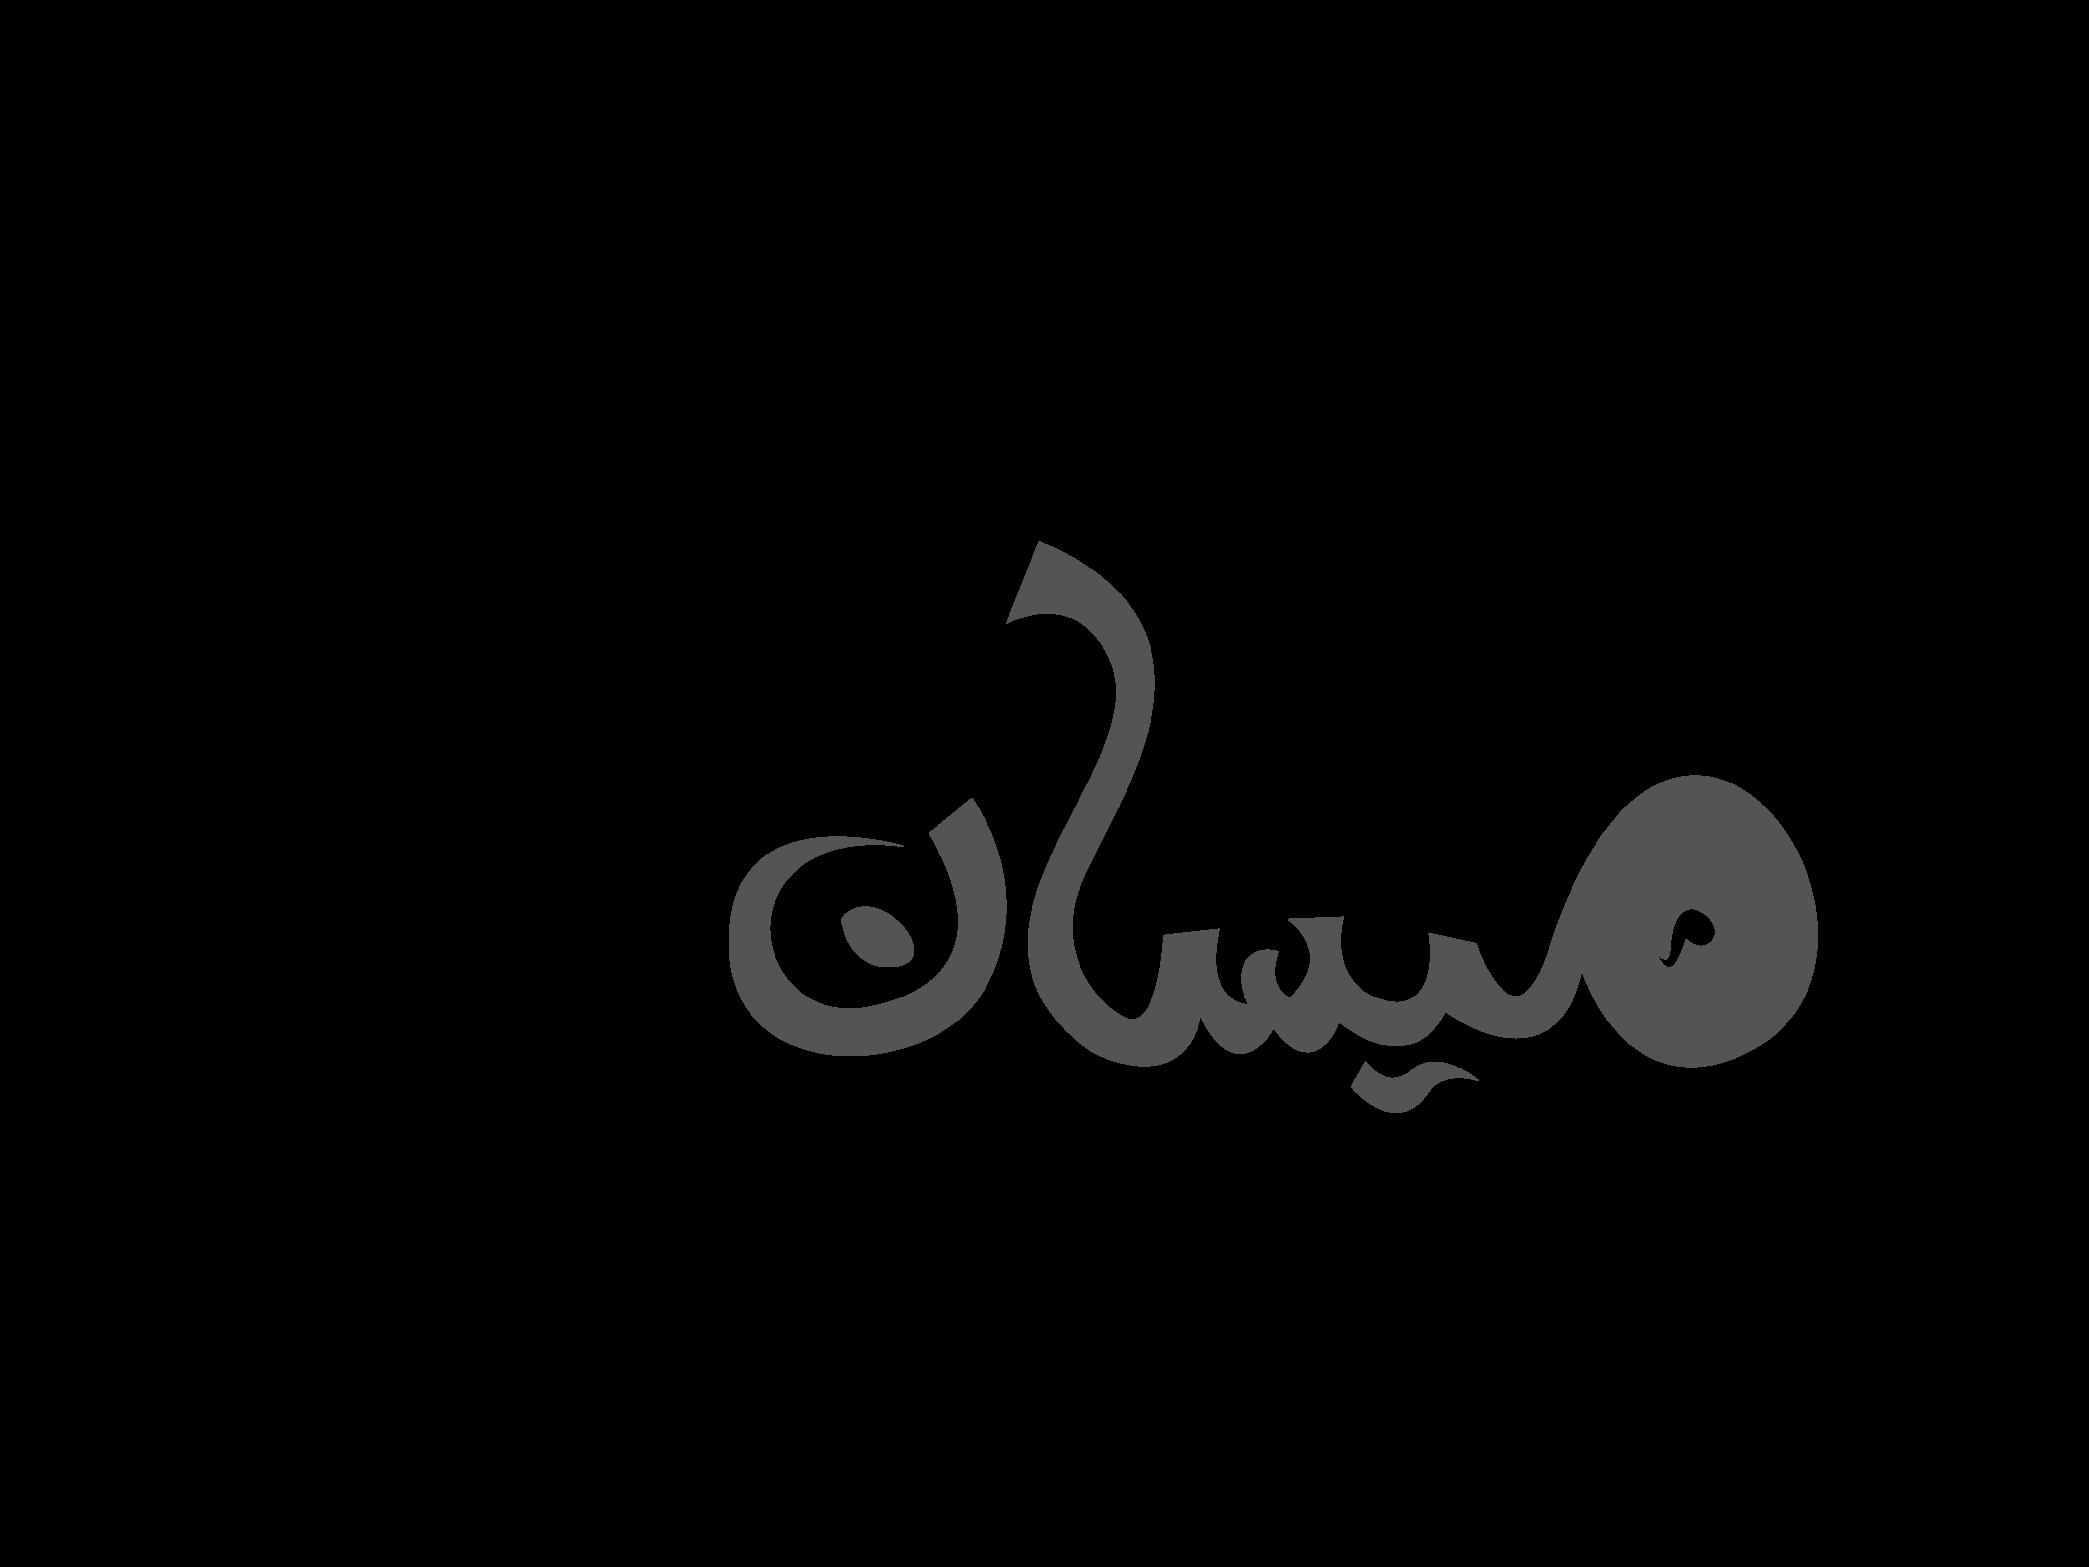 شرح معنى اسم ميسان في معجم المعاني الجامع